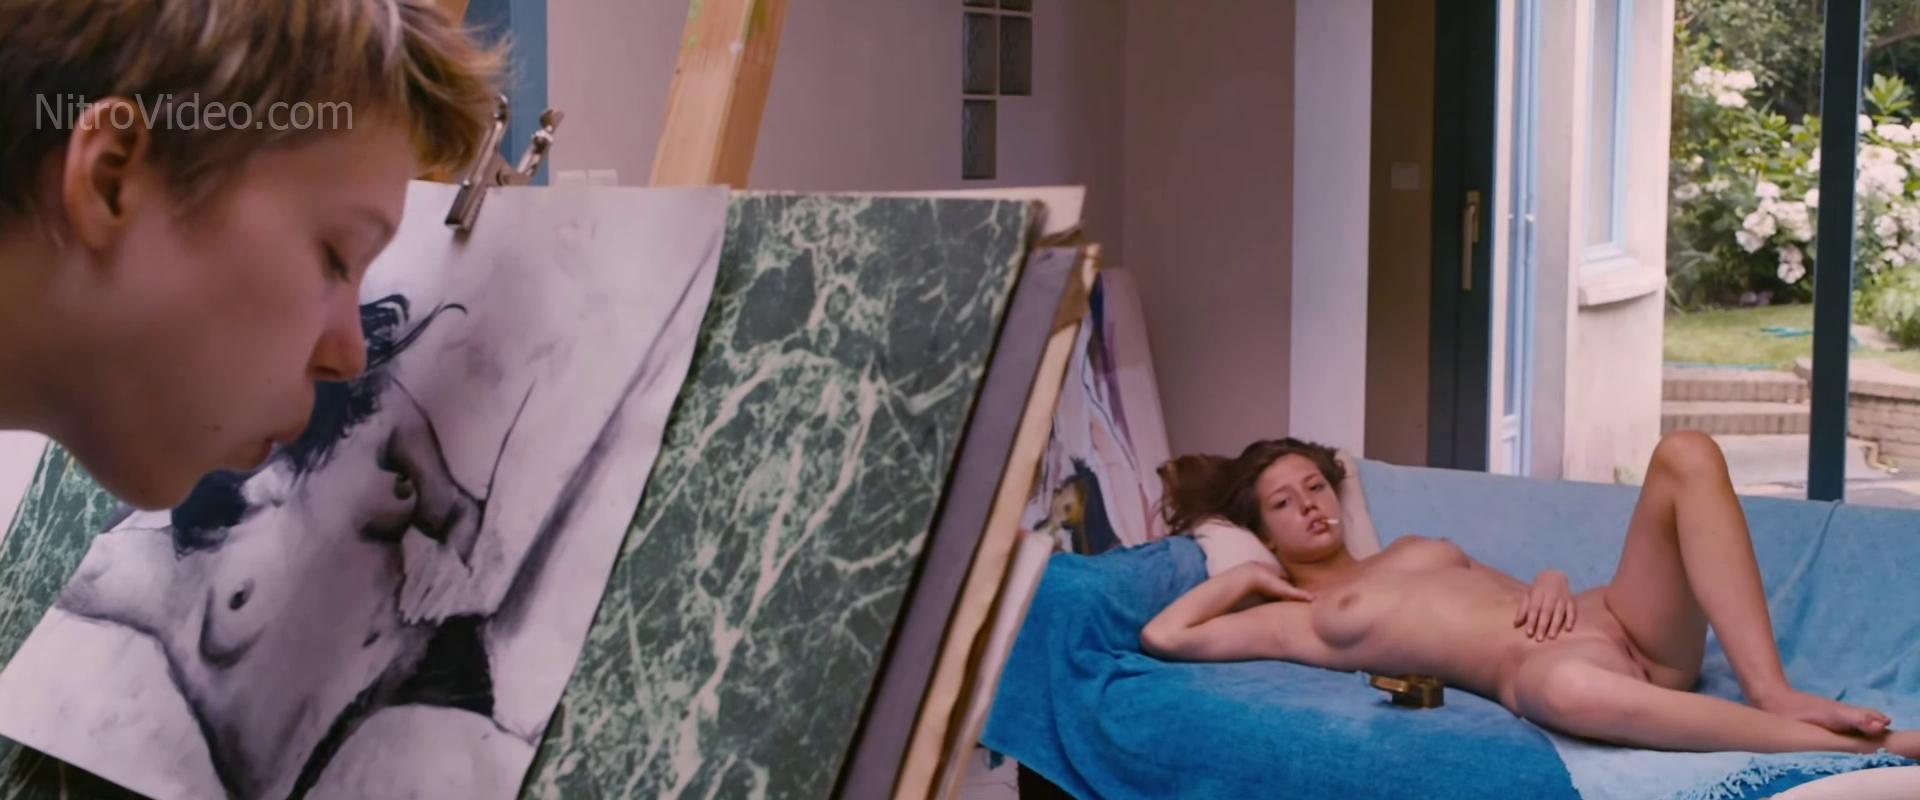 film erotico francese incontri massaggi